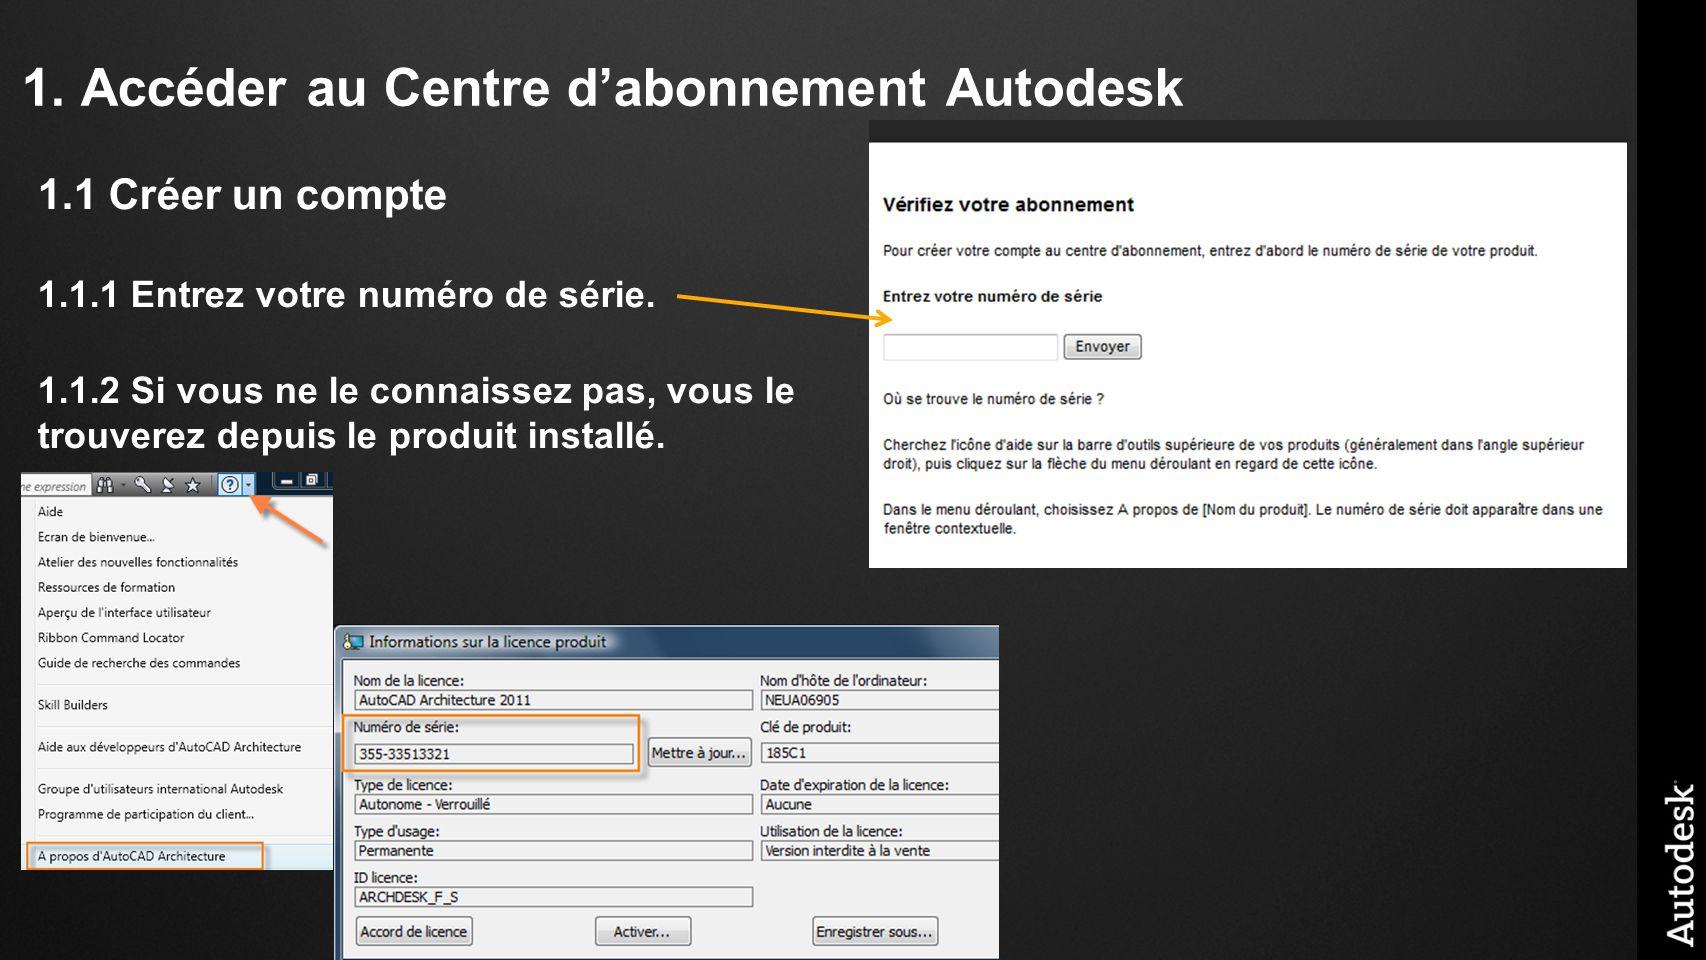 1.Accéder au Centre dabonnement Autodesk 1.1 Créer un compte 1.1.1 Entrez votre numéro de série.